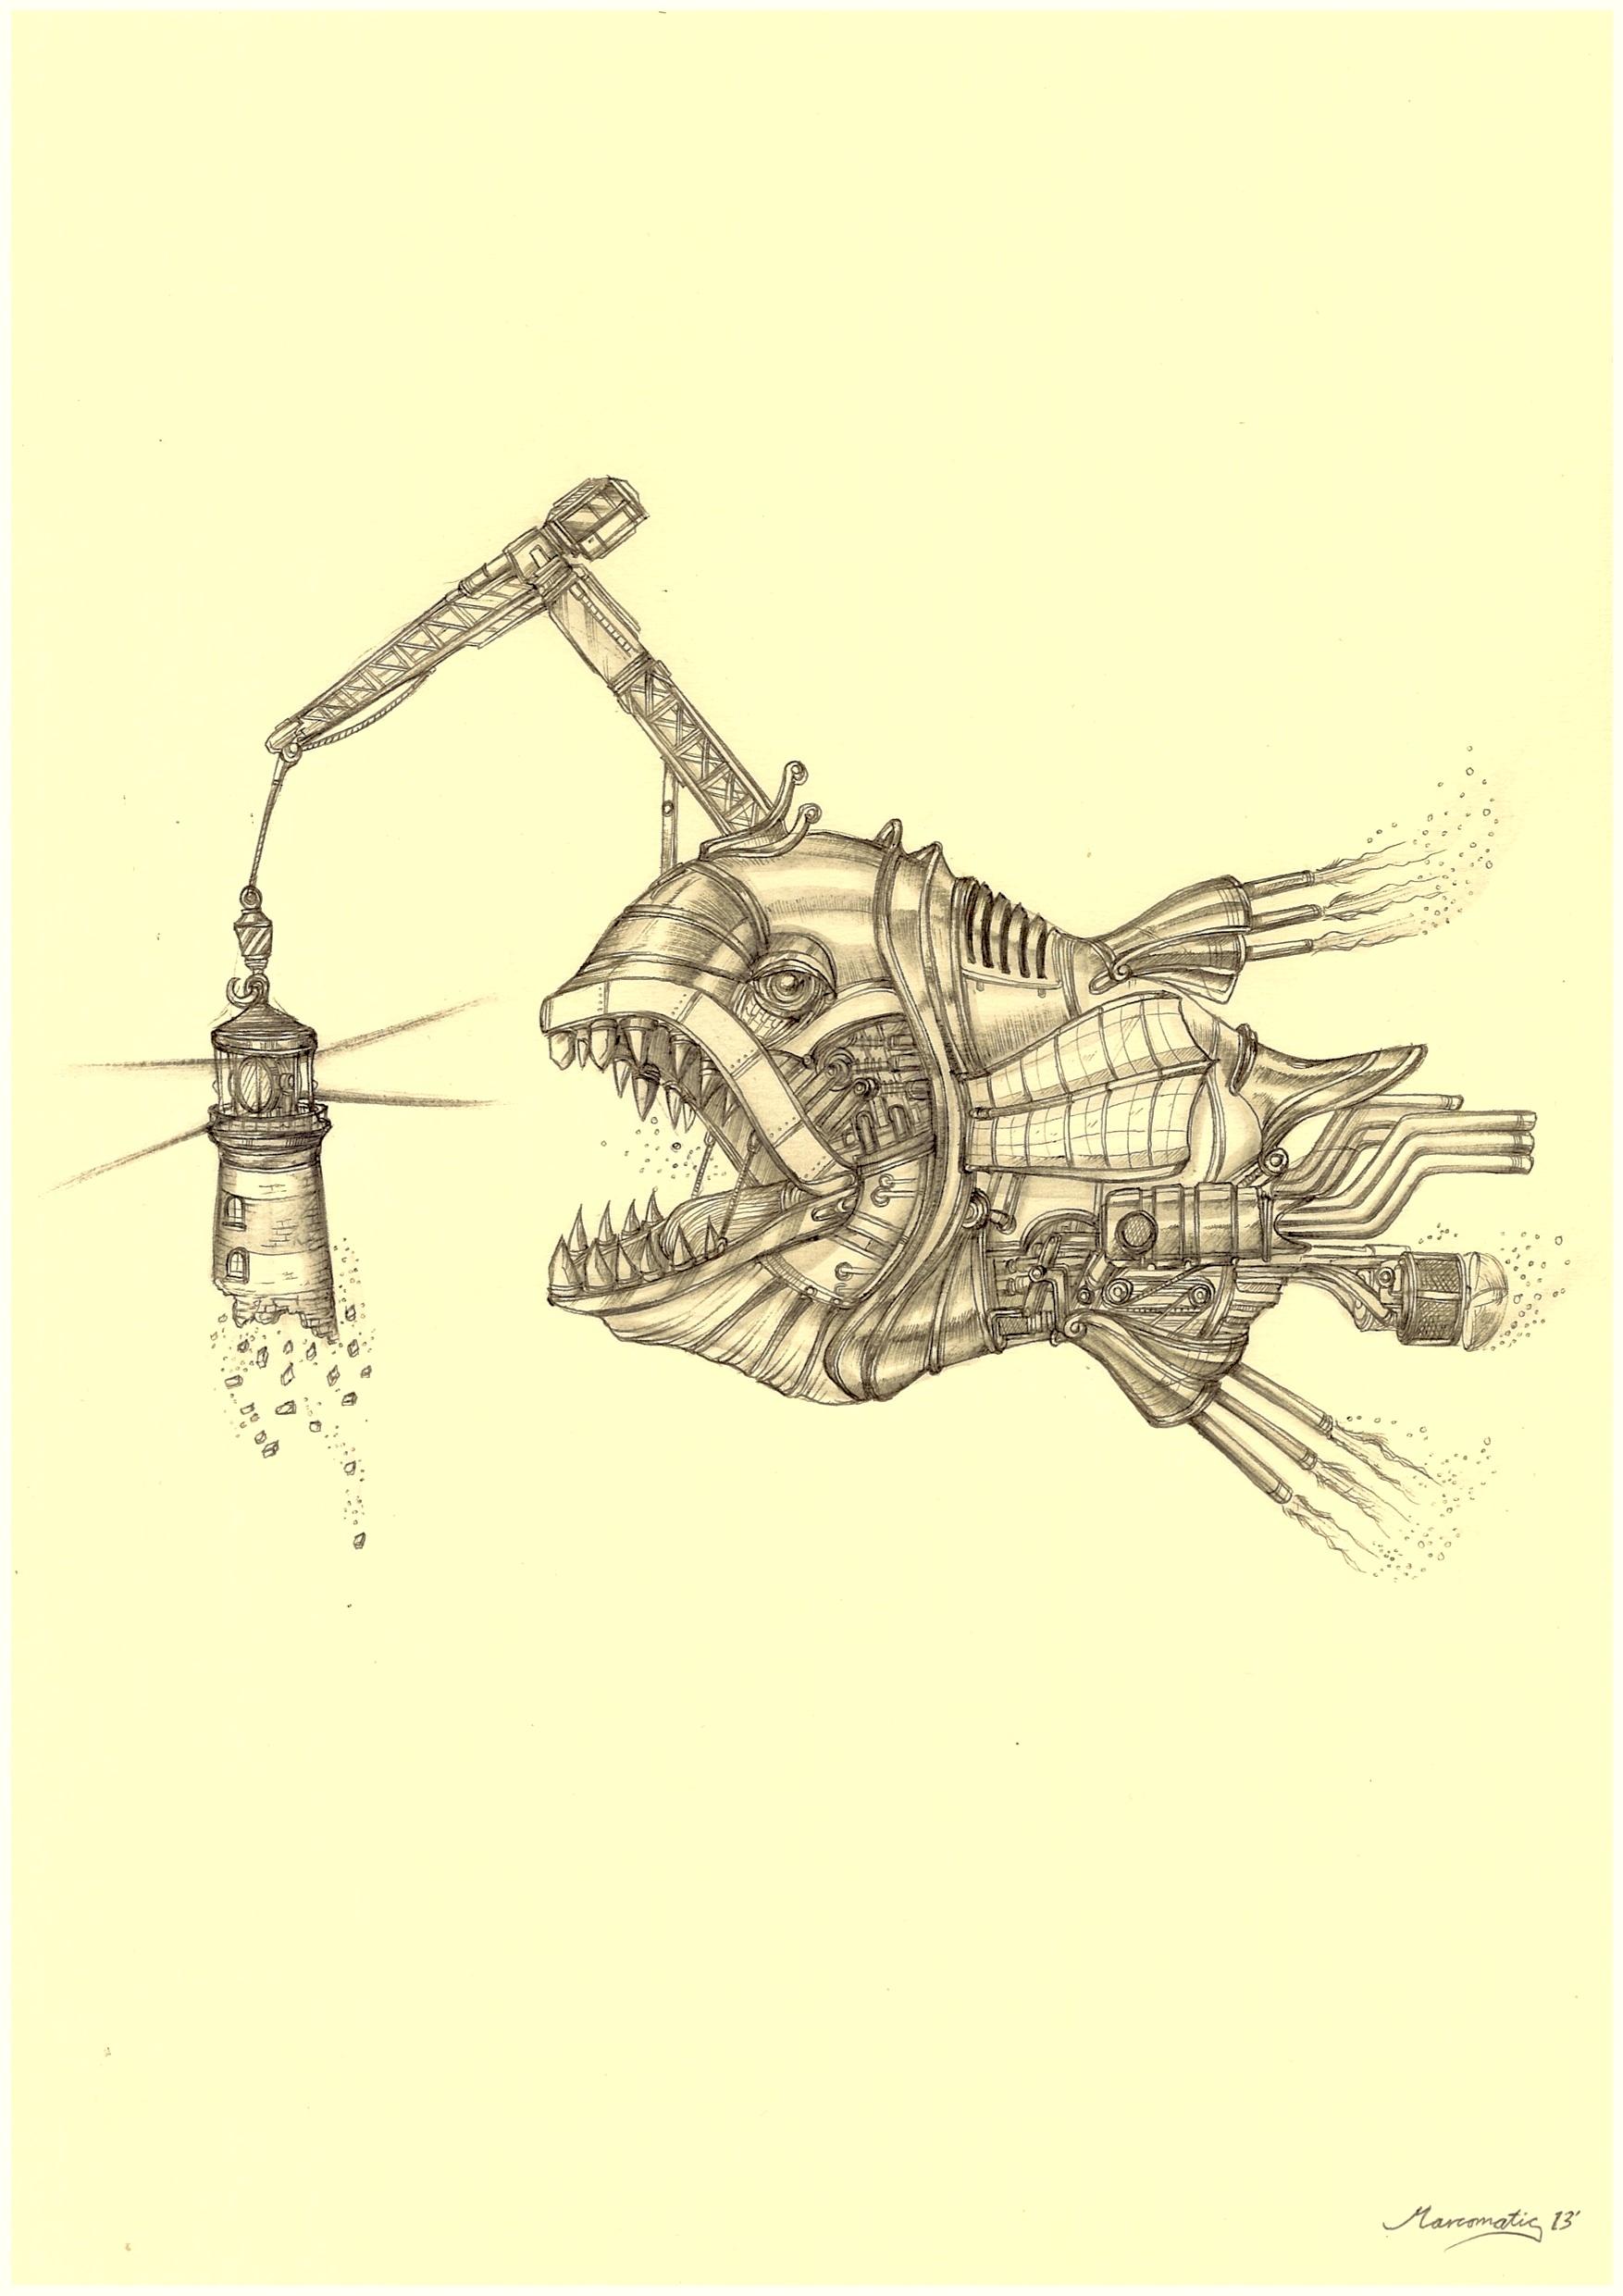 Colossal Crane Angler